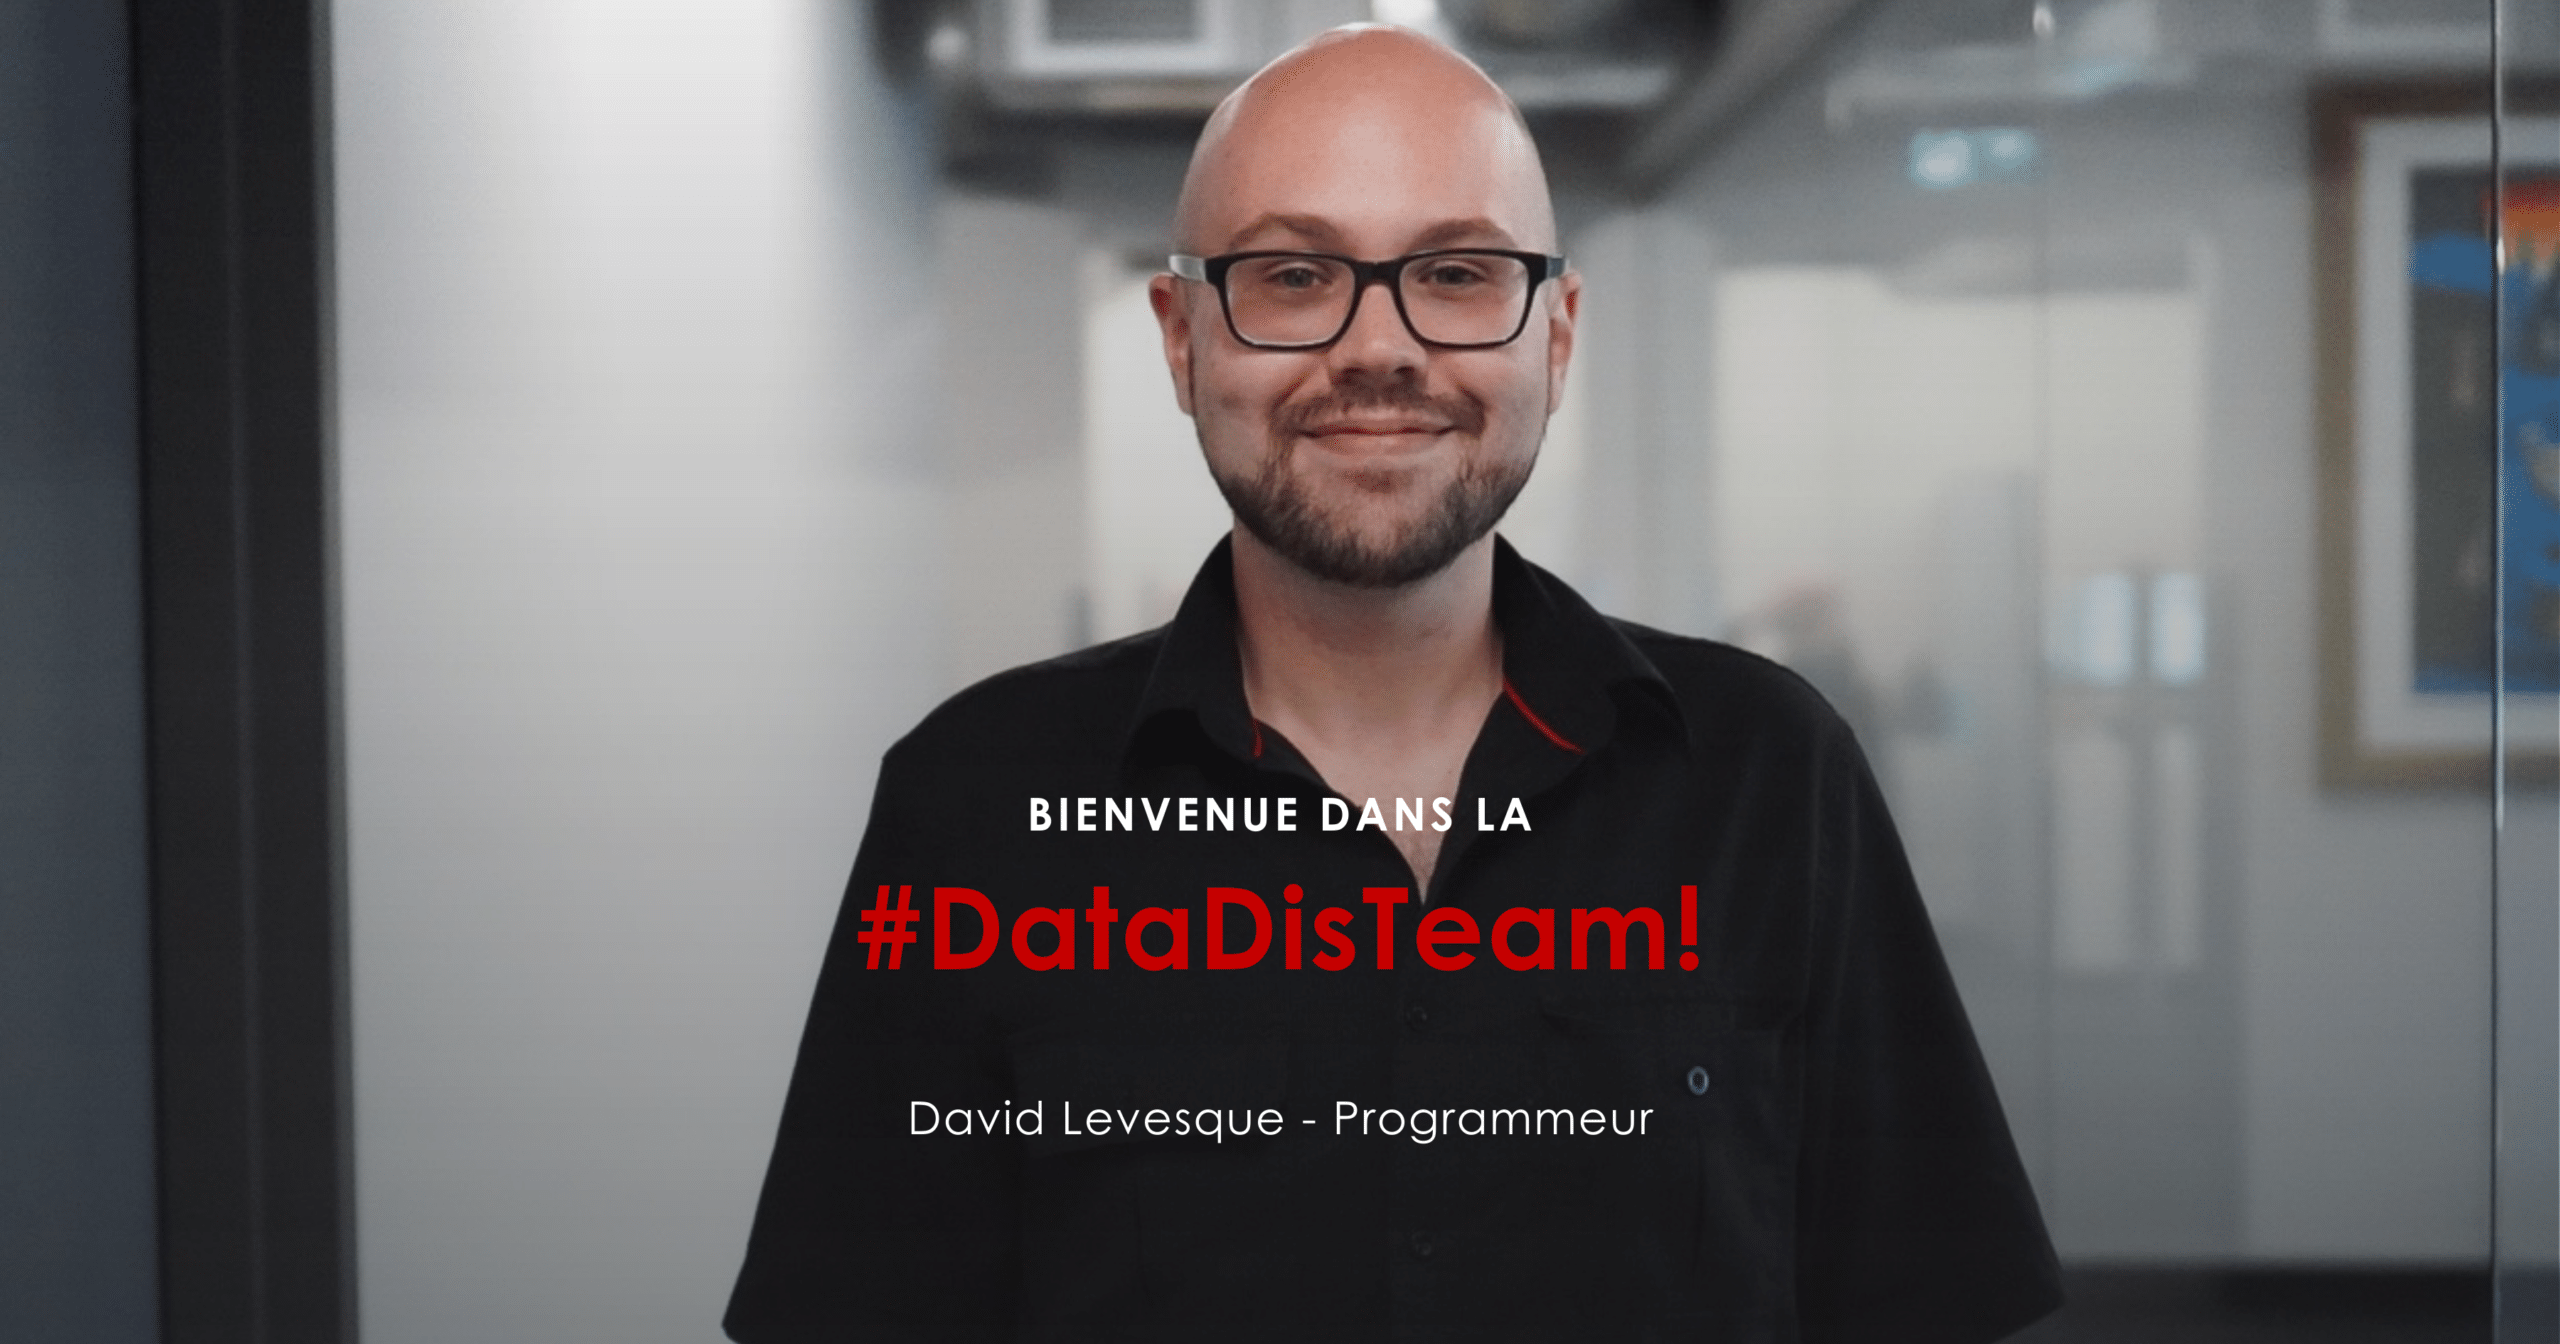 David Levesque nouveau programmeur chez Datadis